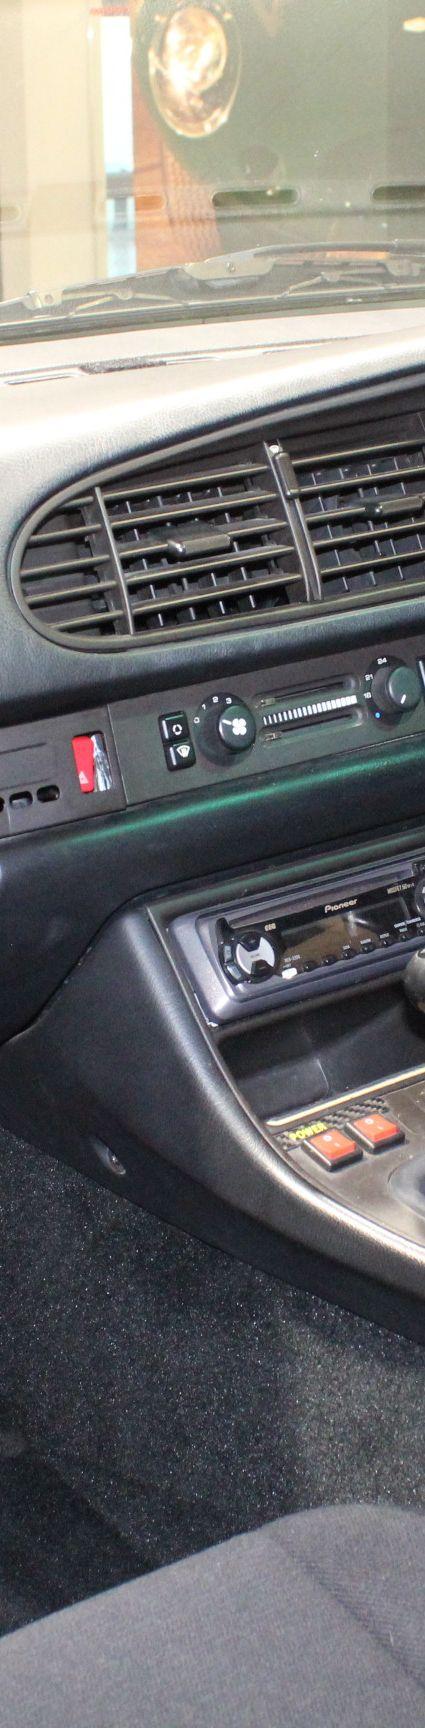 1993 Porsche 968 Clubsport - for sale in Australia